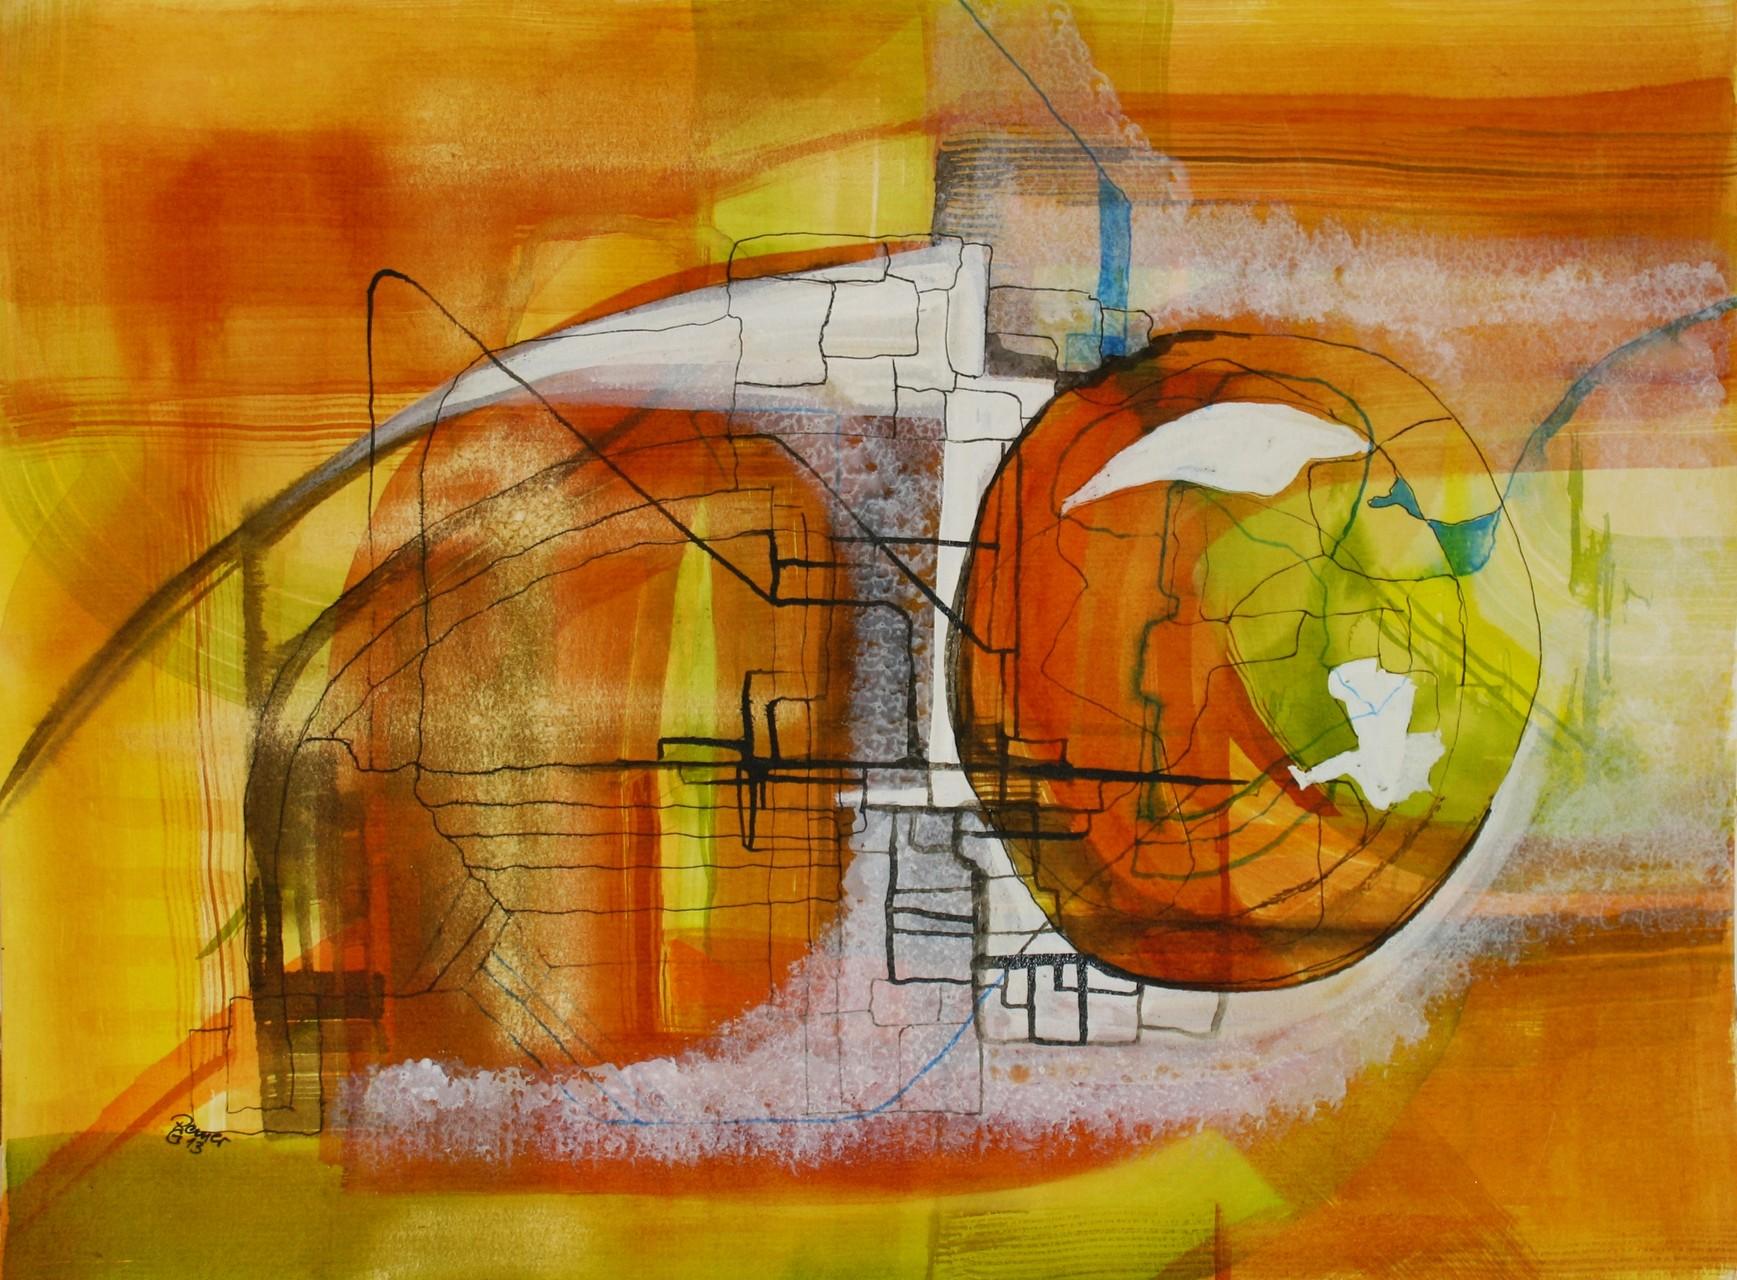 Transfer, Tusche auf Papier, 36 x 48 cm